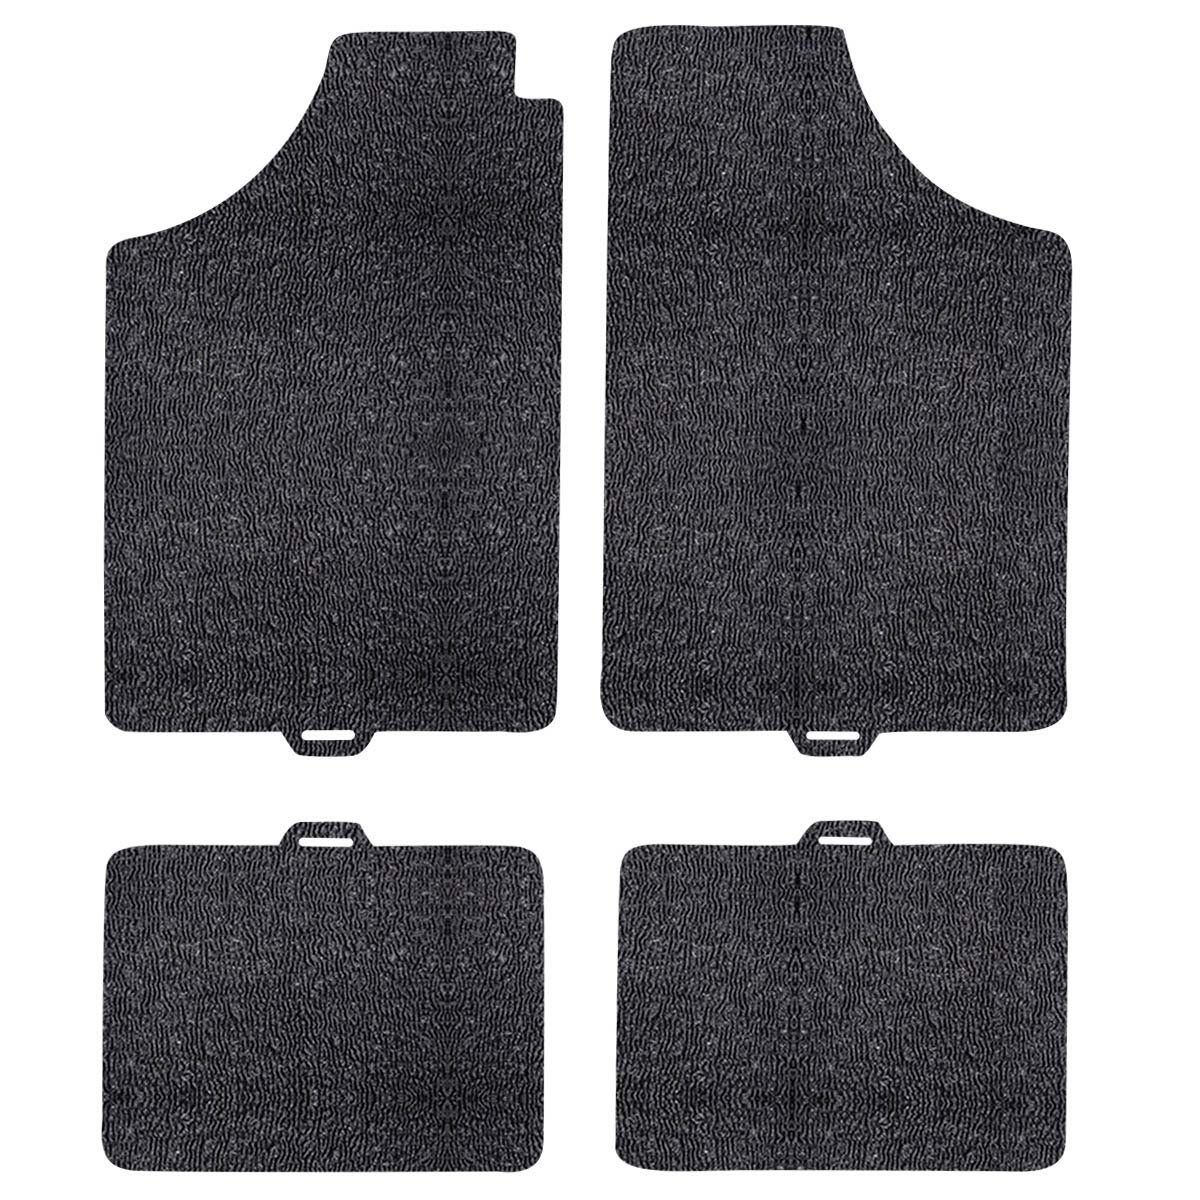 tapete pvc serie 1 pinado sem soleira preto - az acessórios